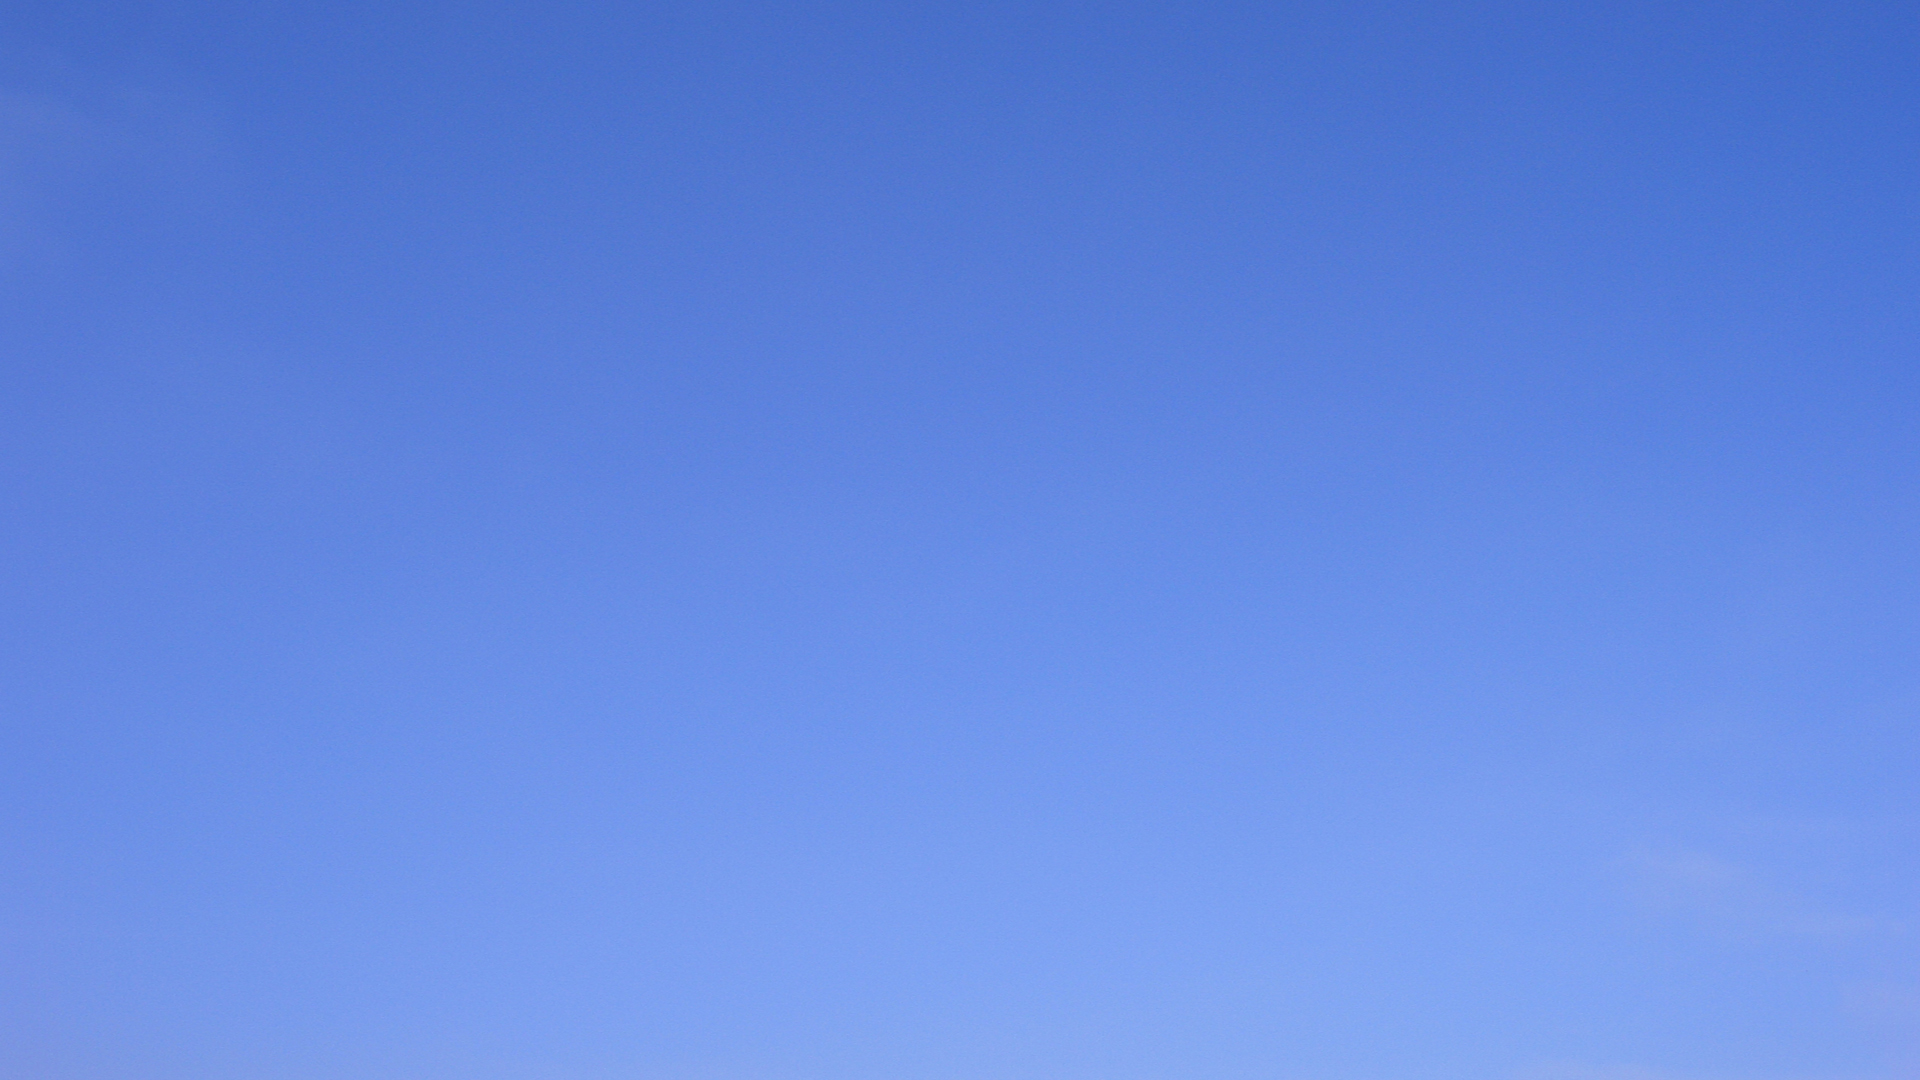 Cielo limpido - Clear sky